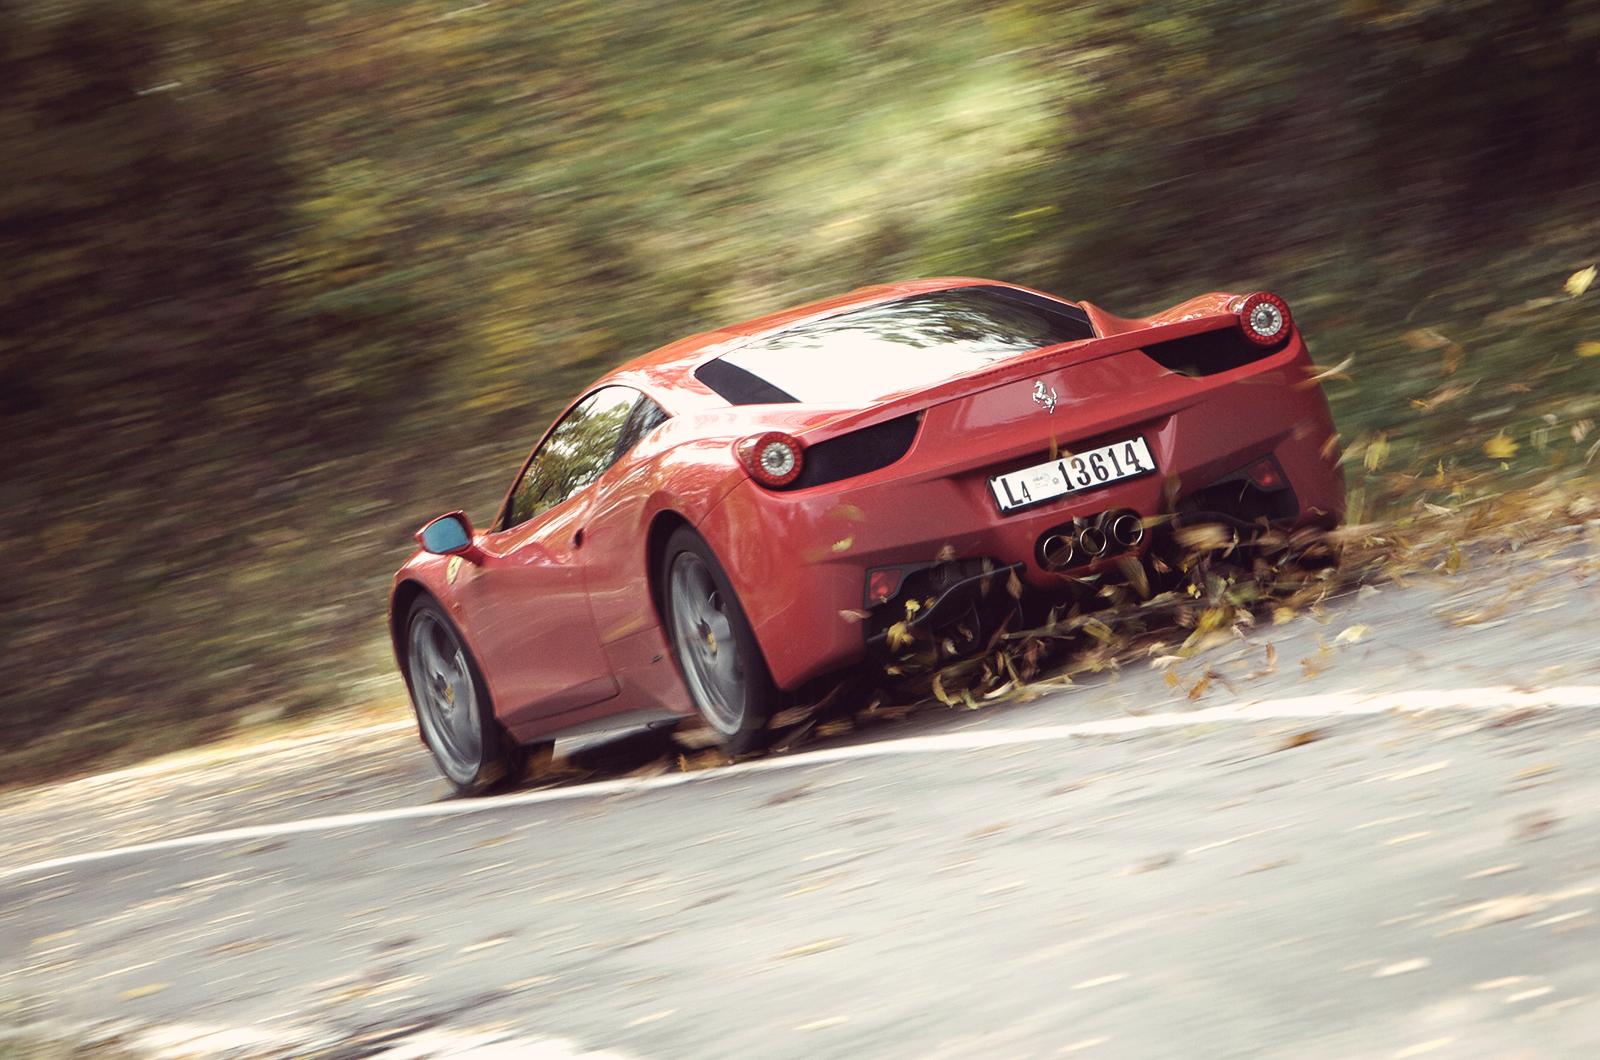 Ferrari 458 Italy